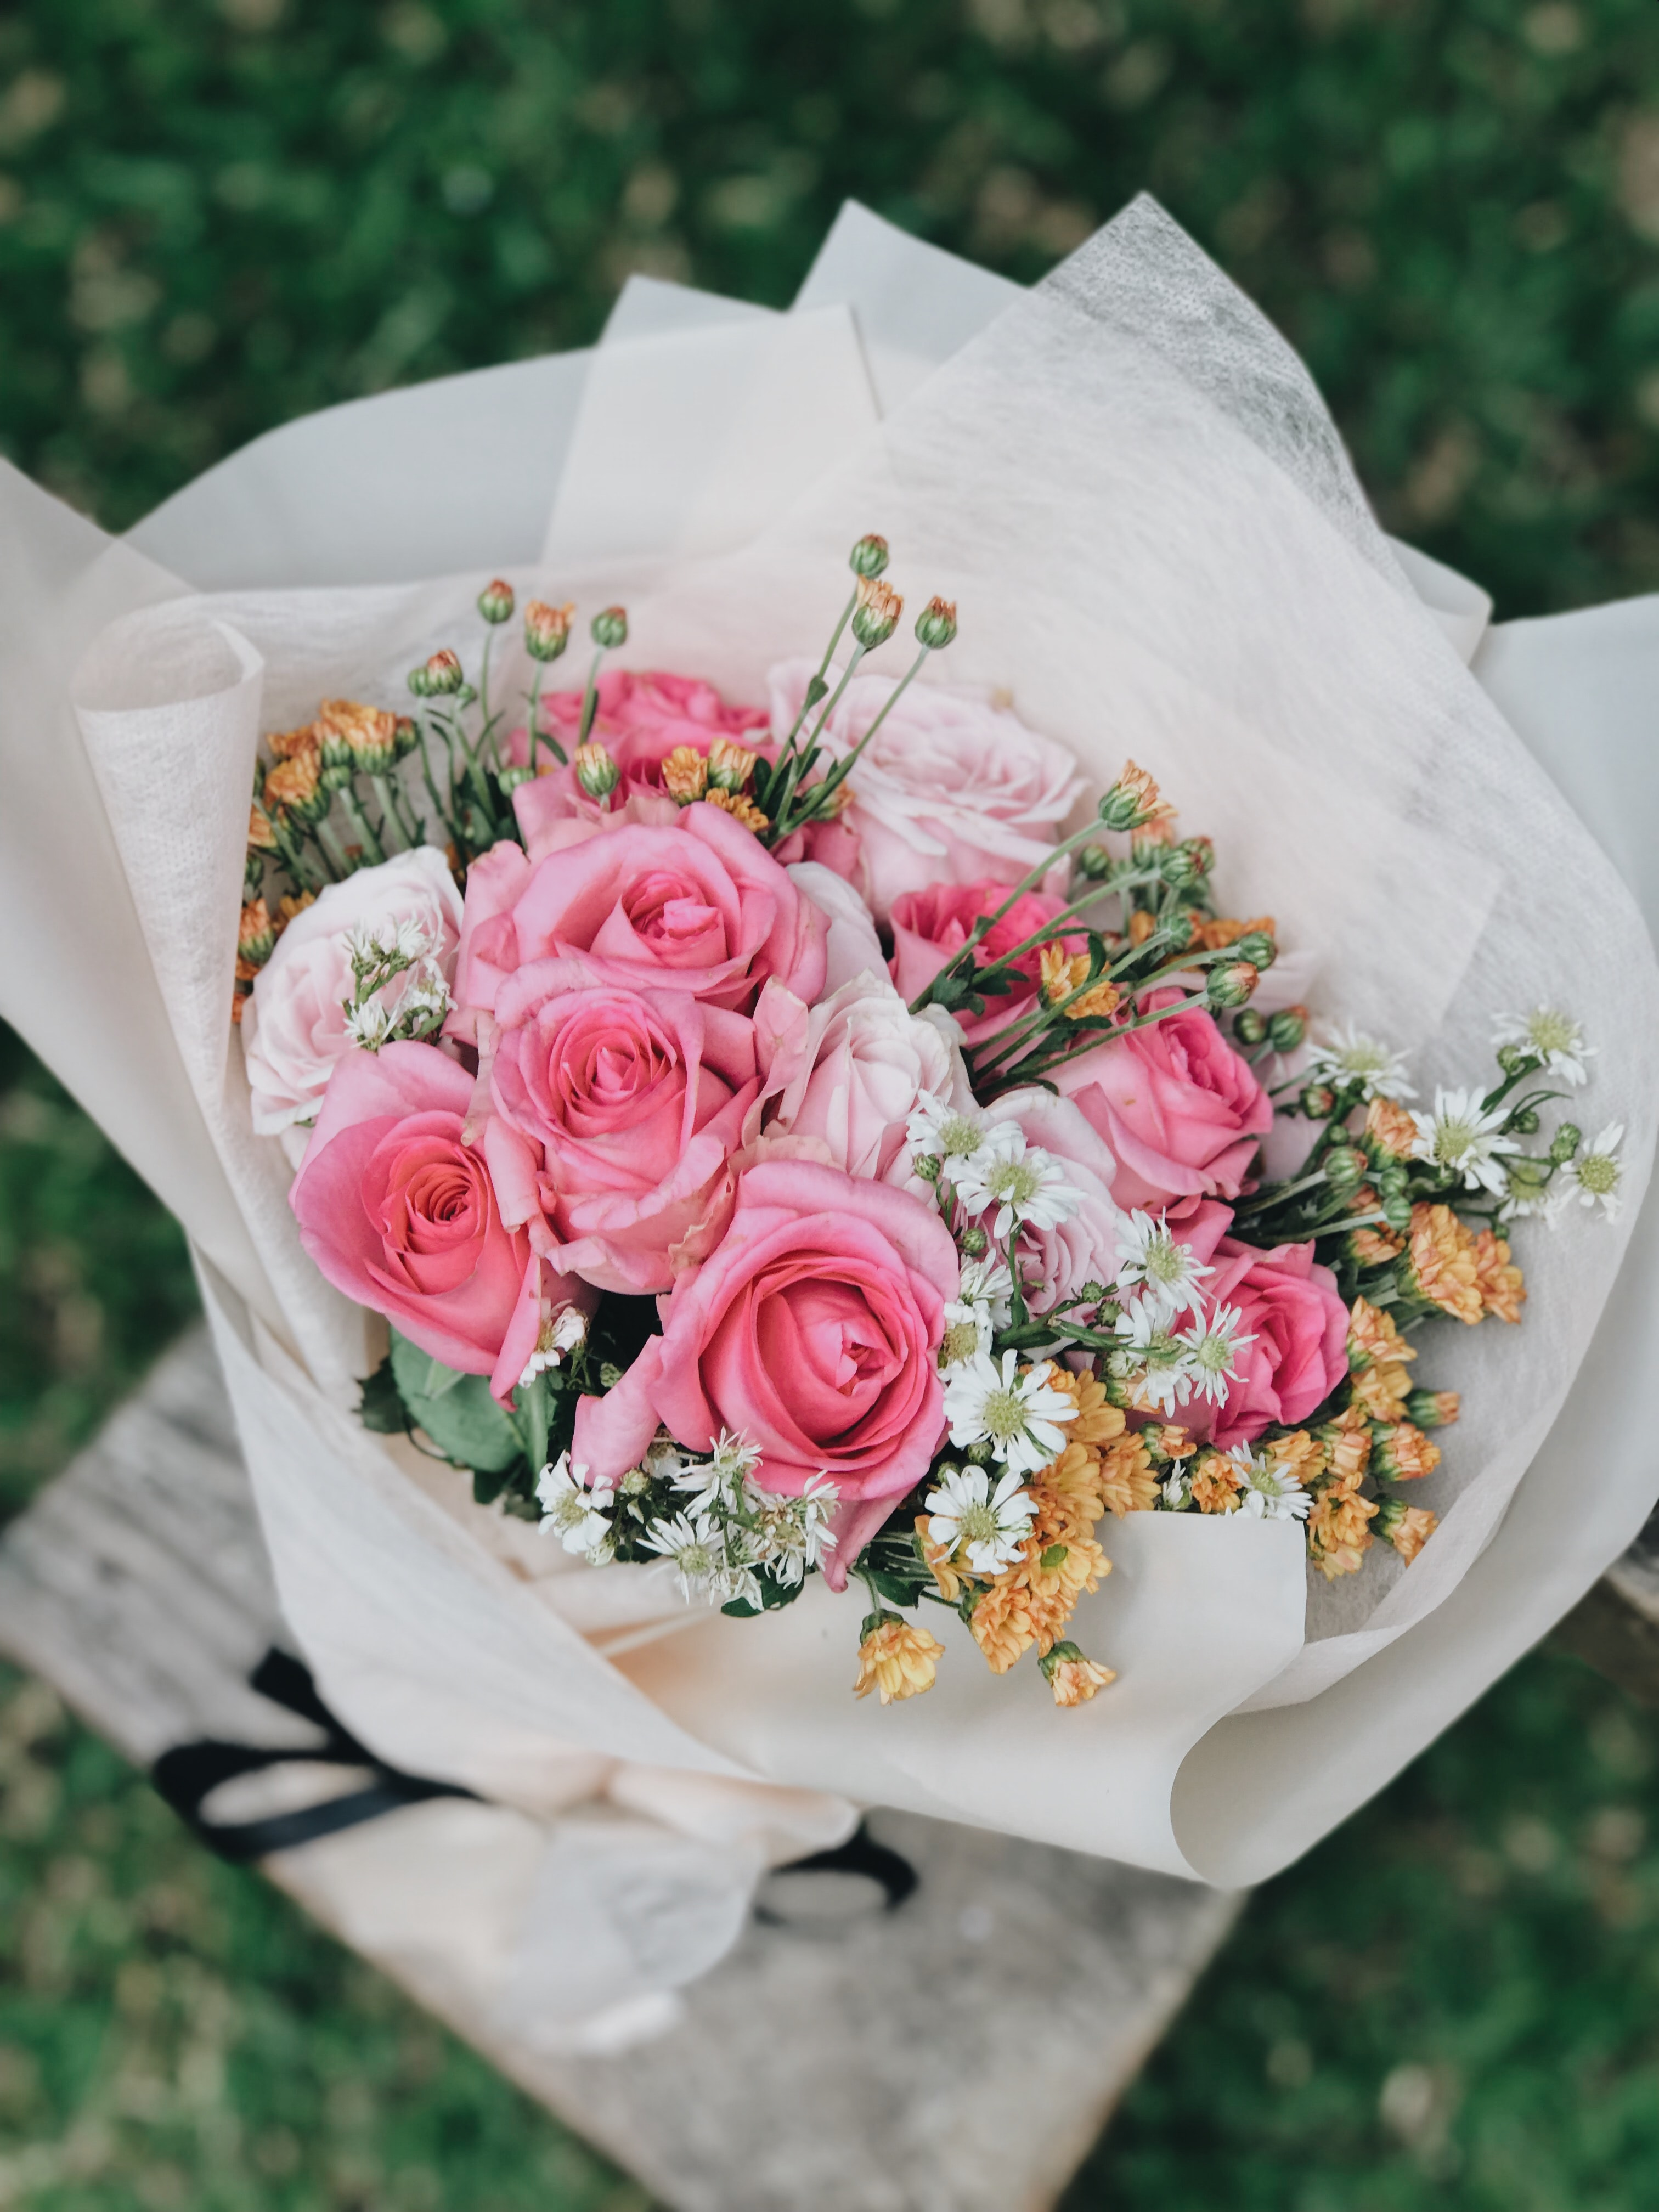 花屋さんではそれぞれのテイストにあった品種を取り扱われているはずなので、是非花屋さんに出向いて、イメージに合わせて選んでみてください。